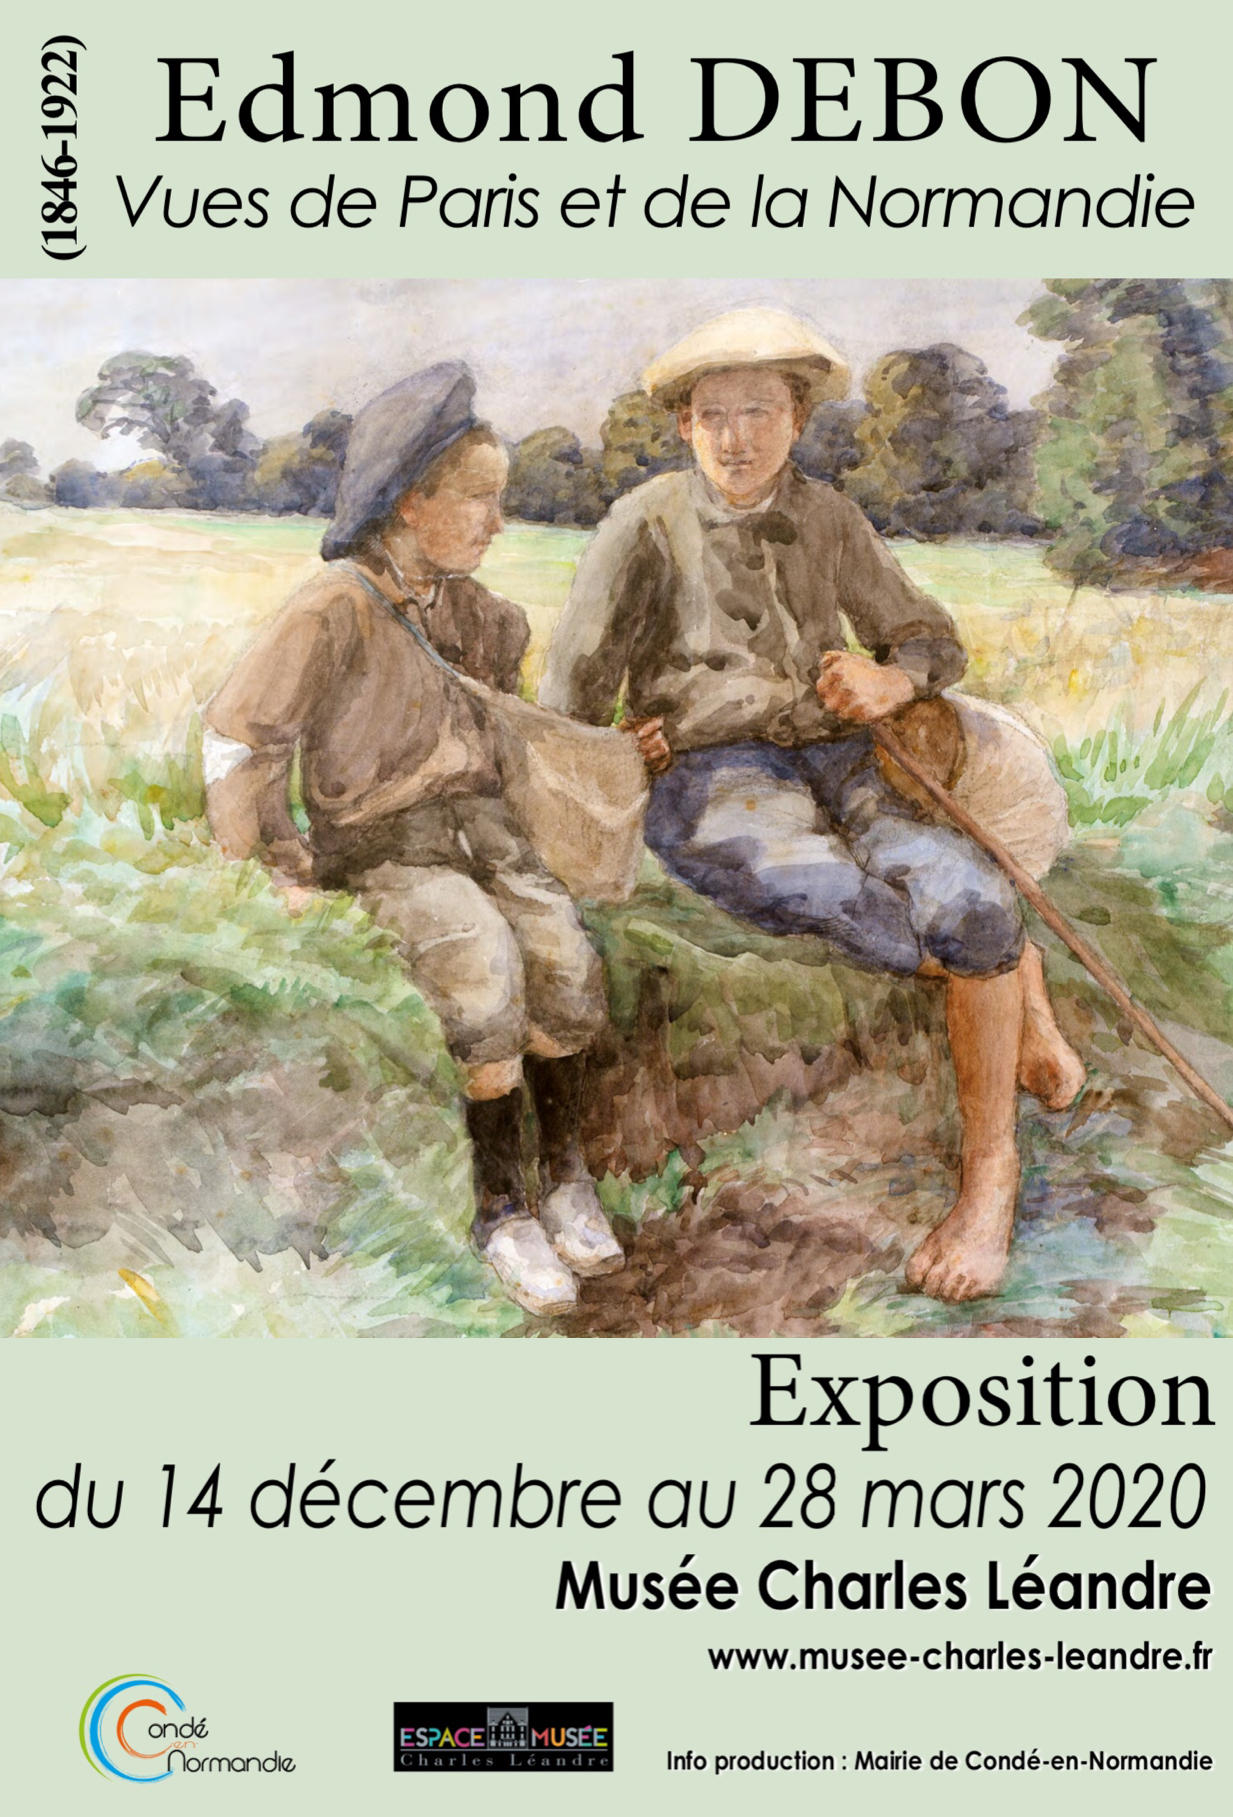 Edmond DEBON «Vues de Paris et de la Normandie» à l'espace Musée Charles Léandre